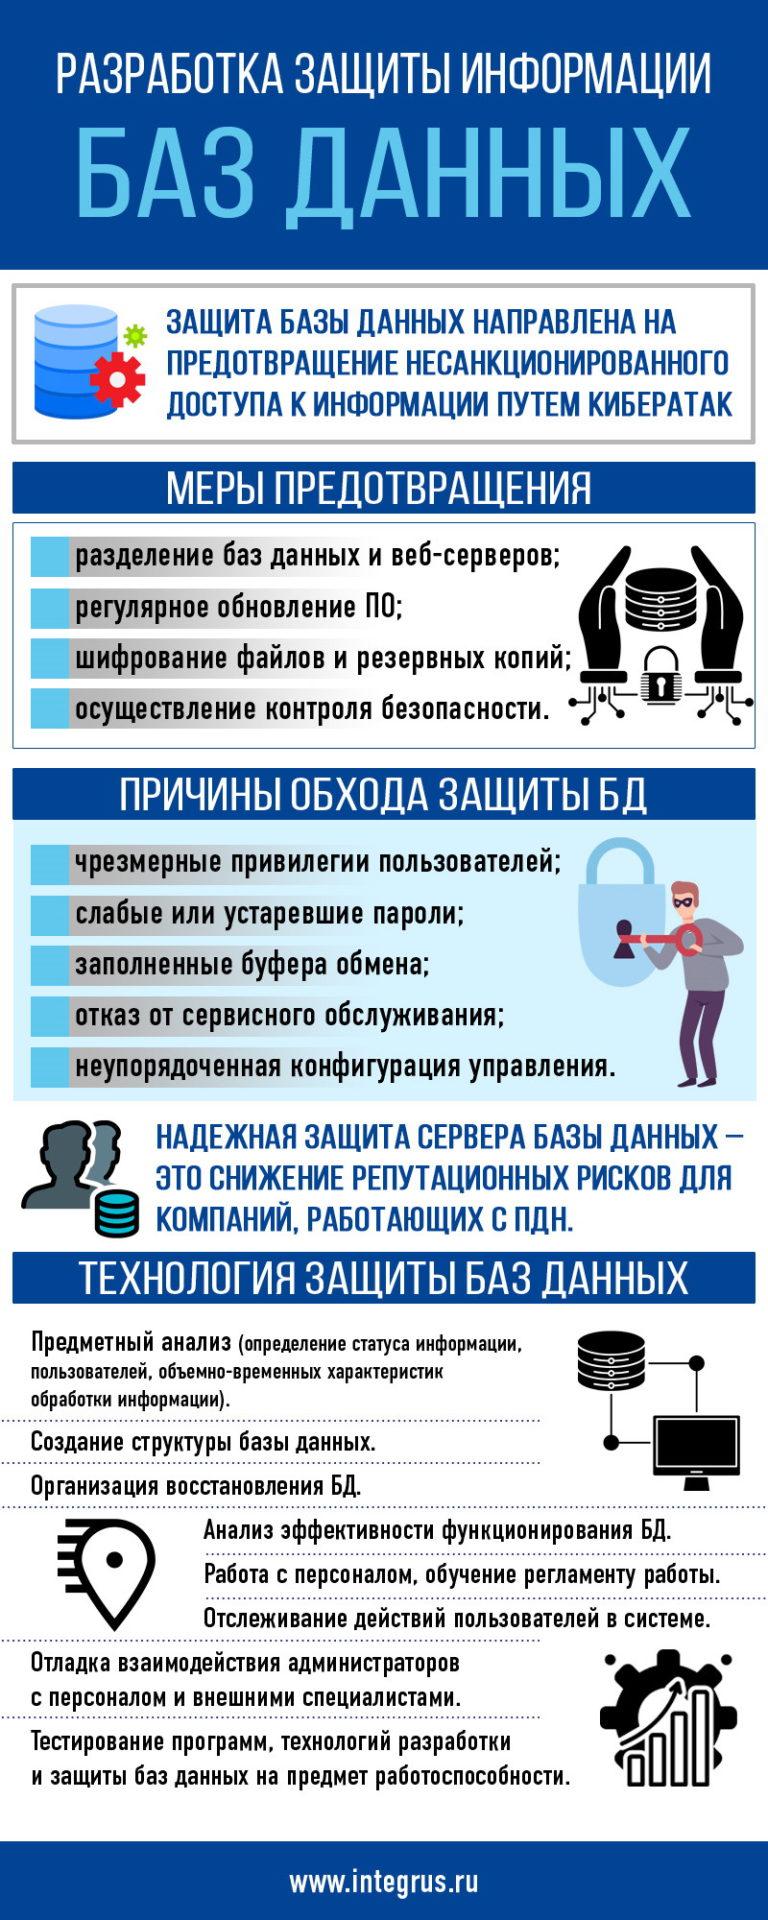 Разработка системы защиты информационной БД